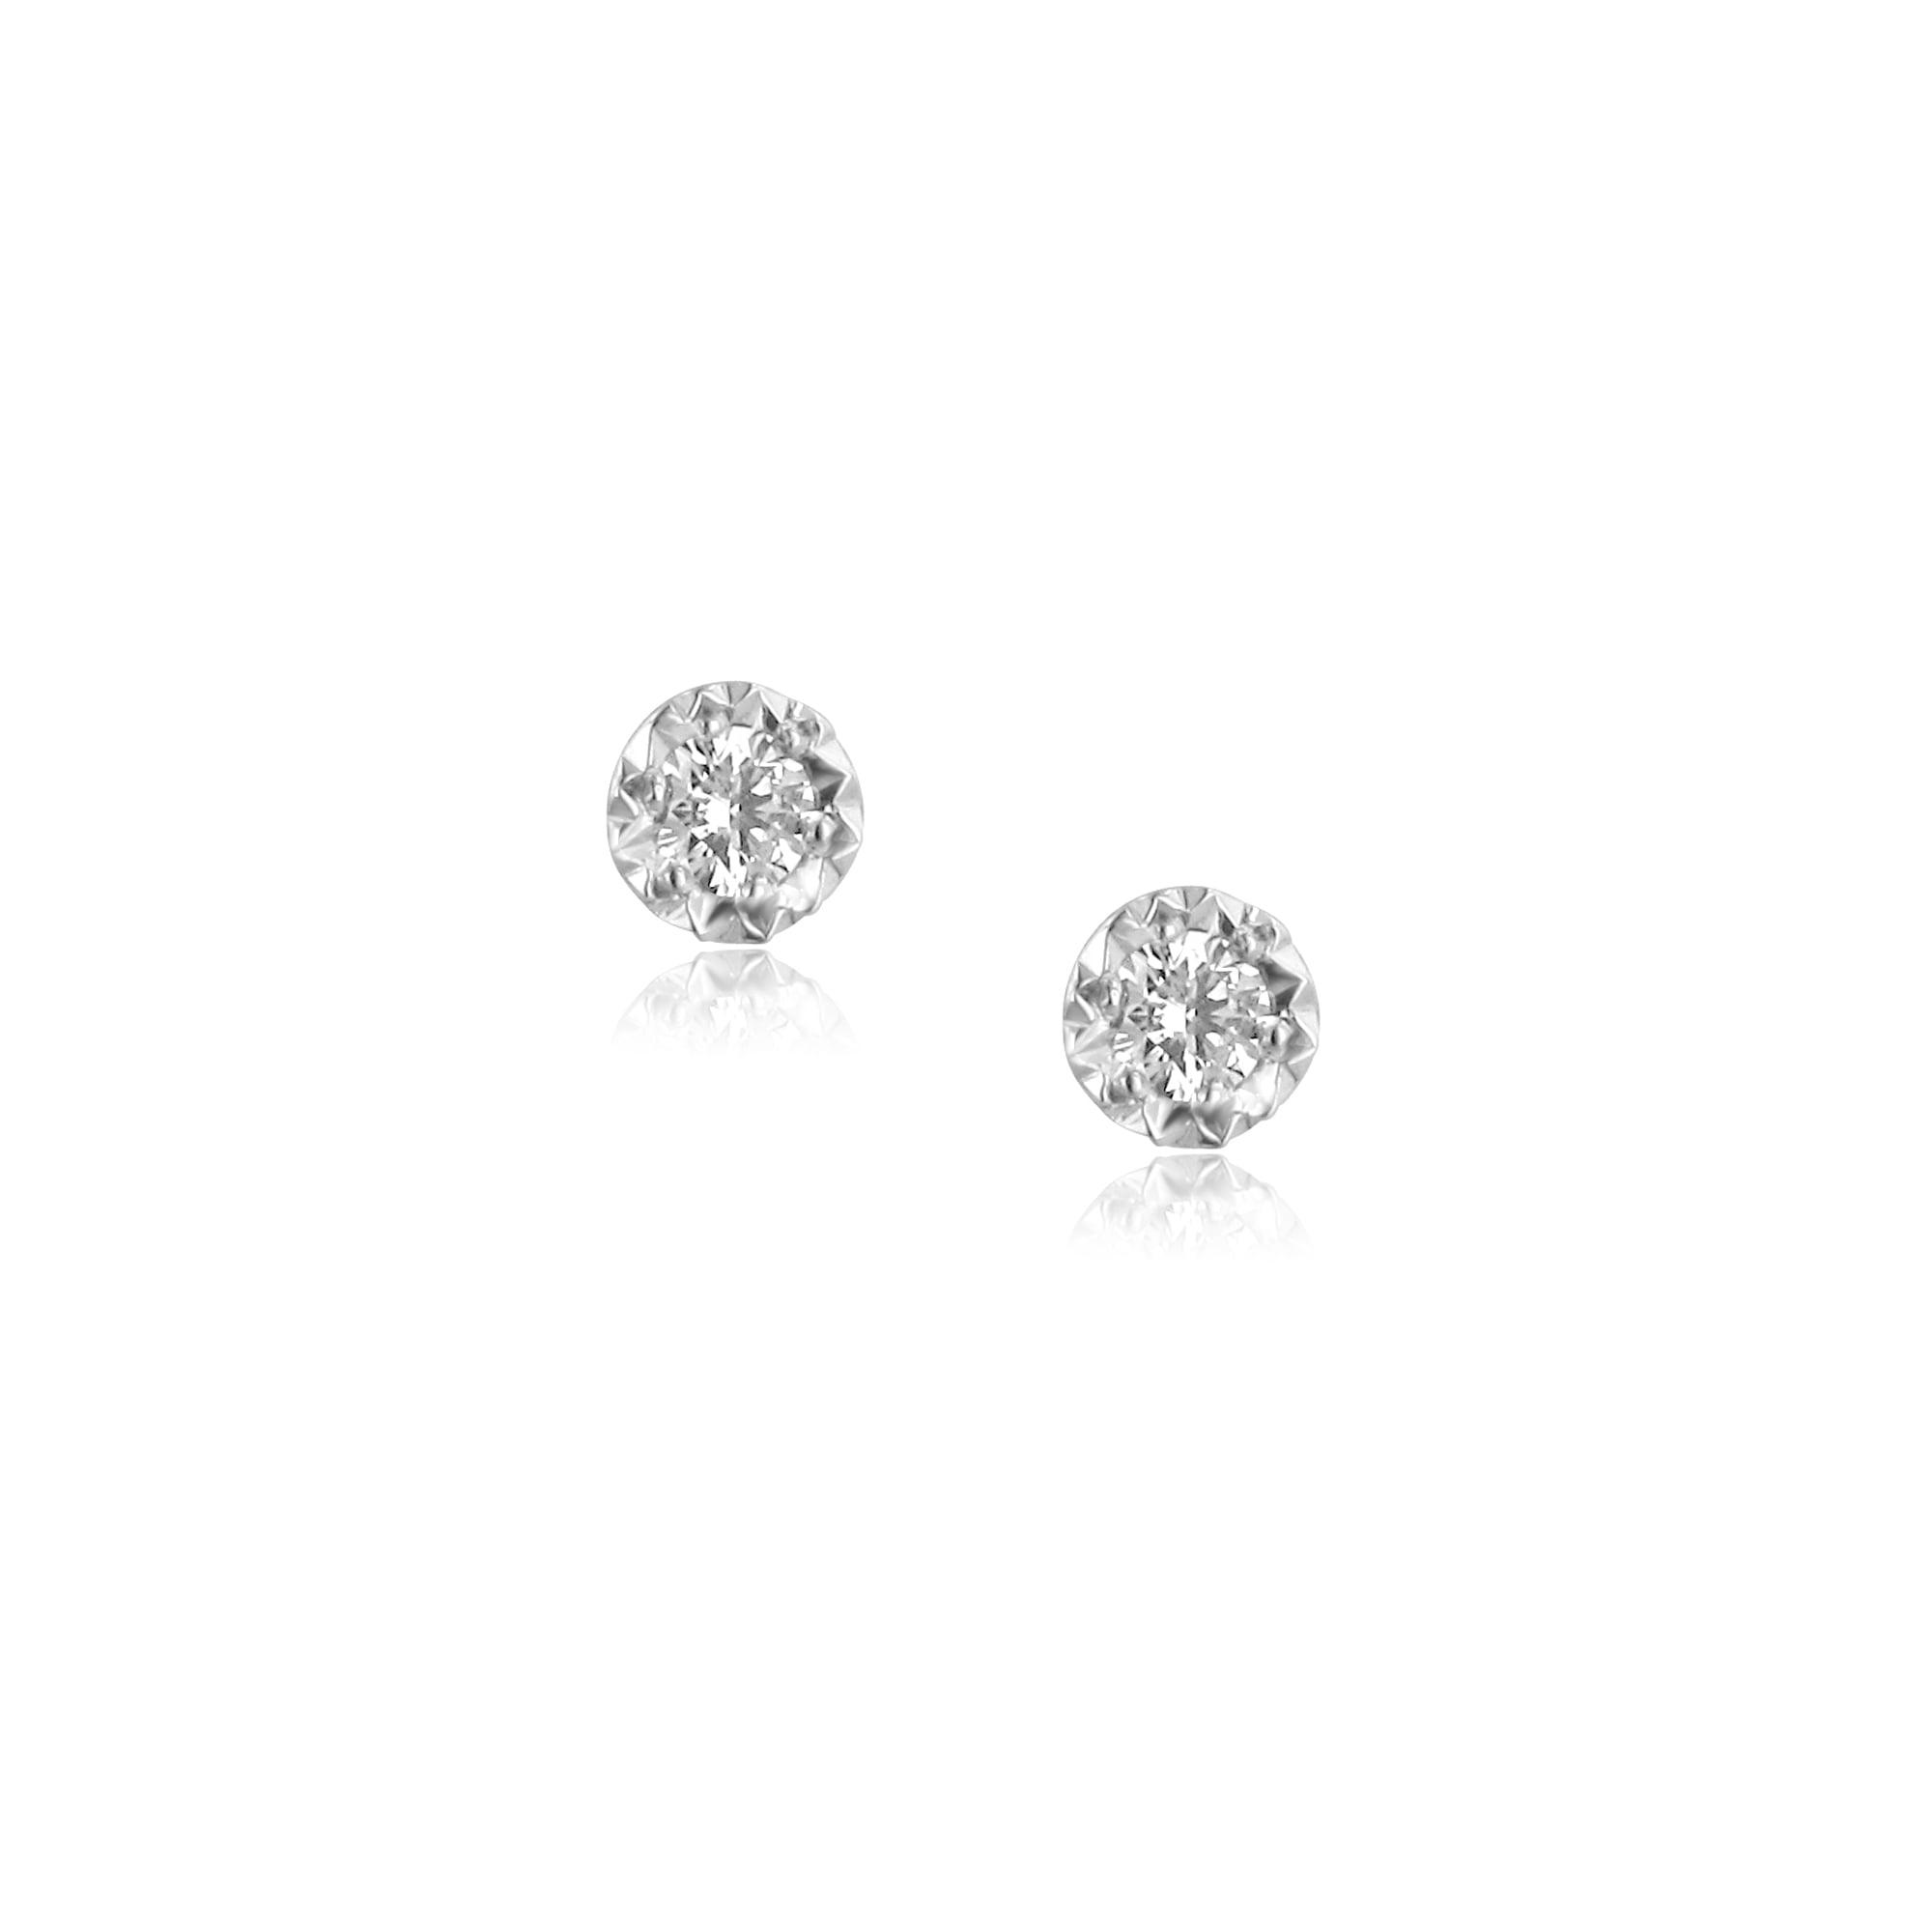 ebb83410e 0.15ct Round Diamond Stud Earrings in 9ct White Gold - Womens from Avanti  of Ashbourne Ltd UK